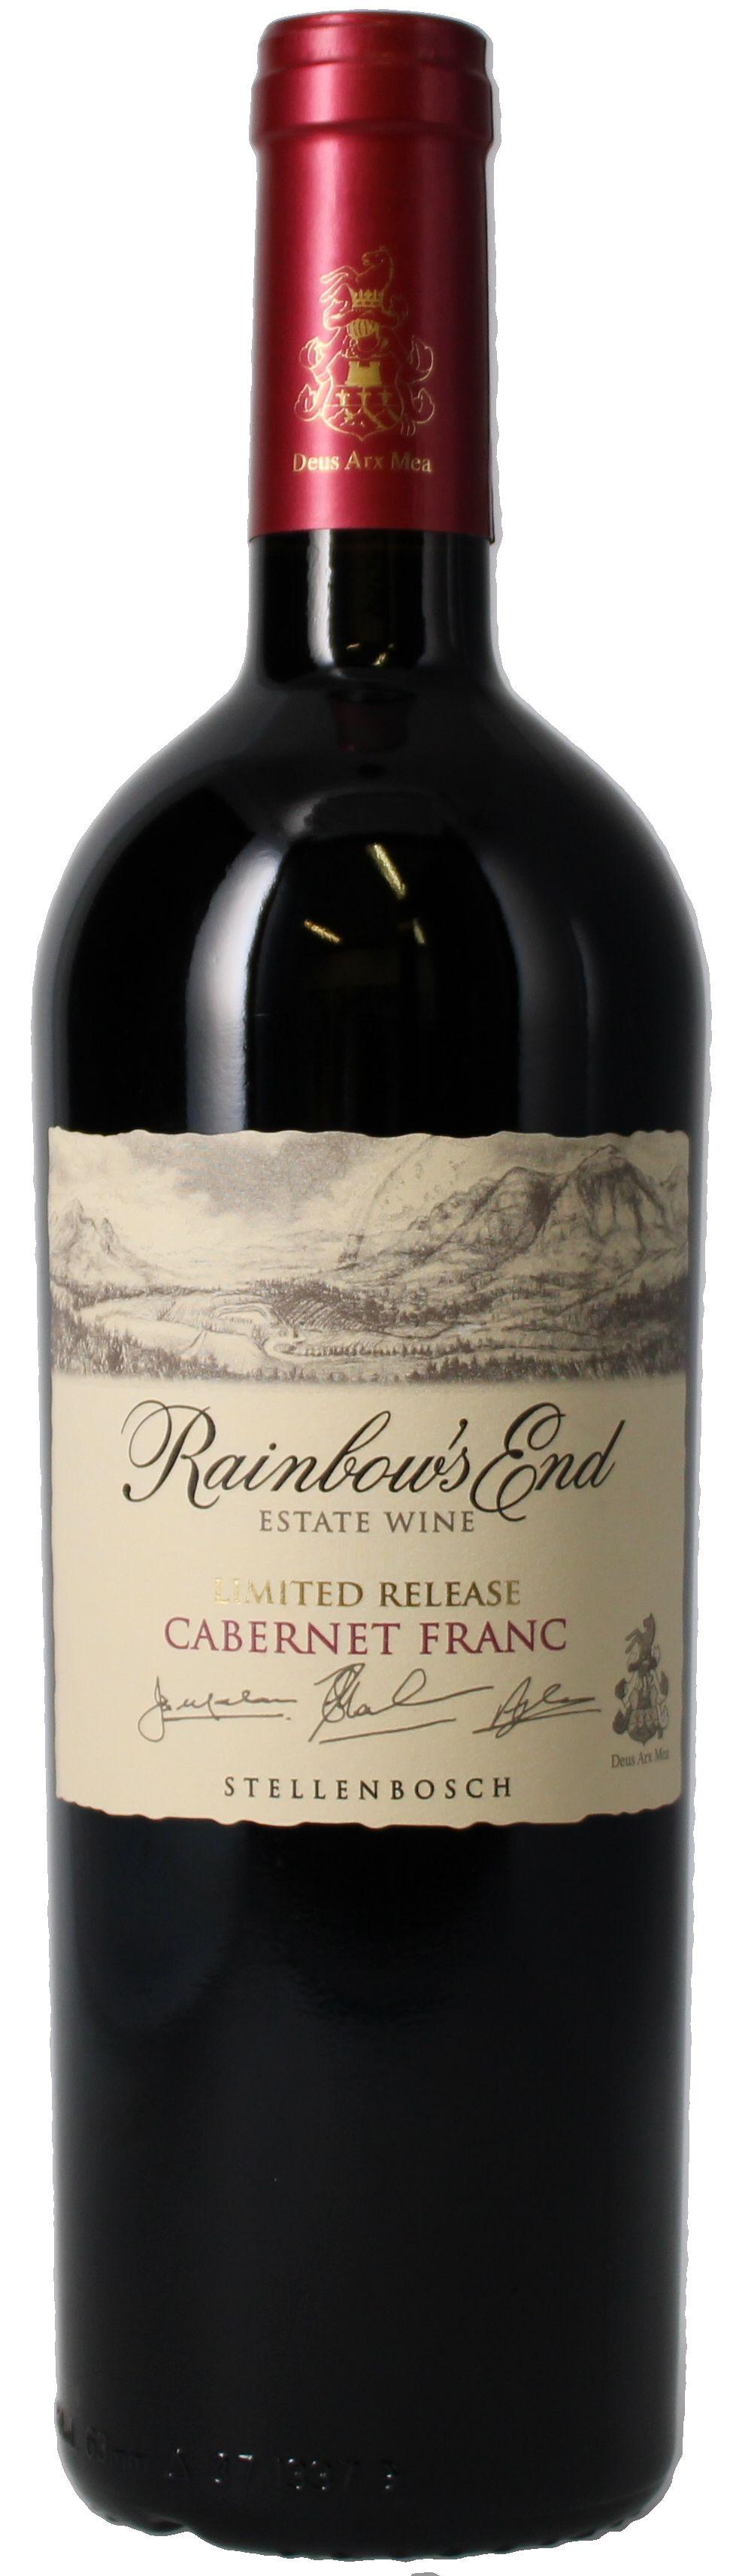 Rainbows End Cabernet Franc Limited Release